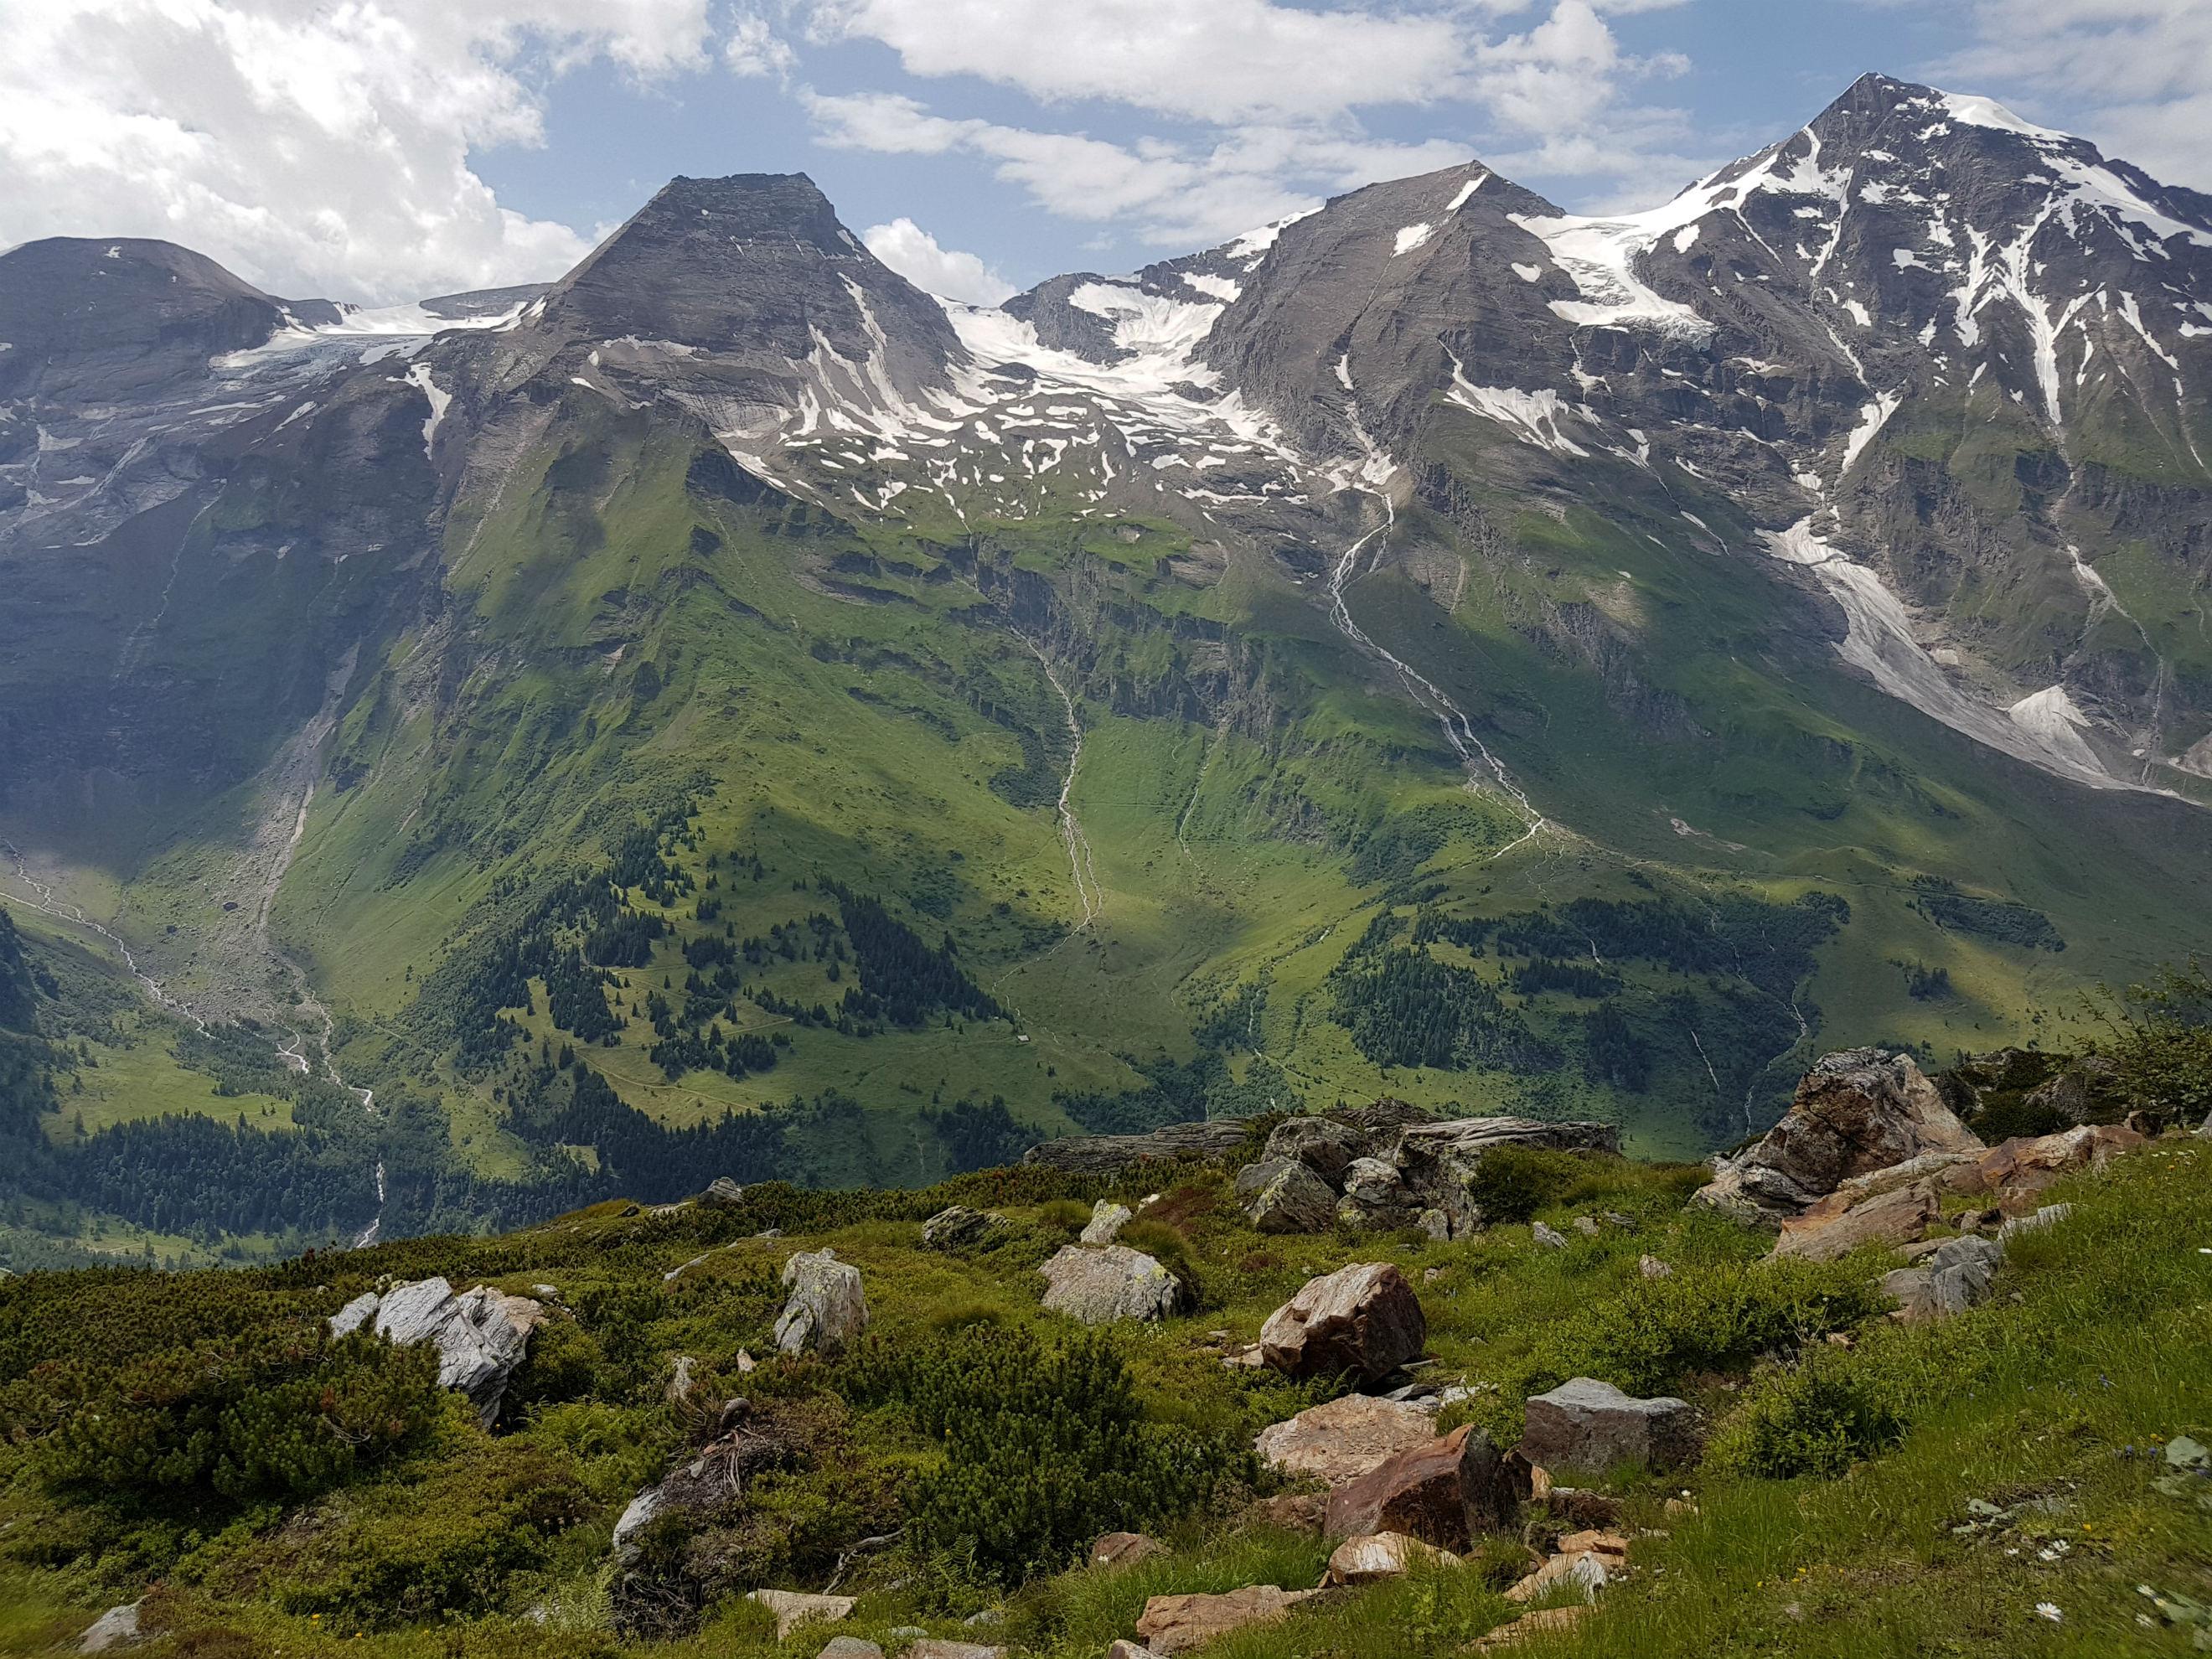 grossglockner-horský-priesmyk-franc-jozef